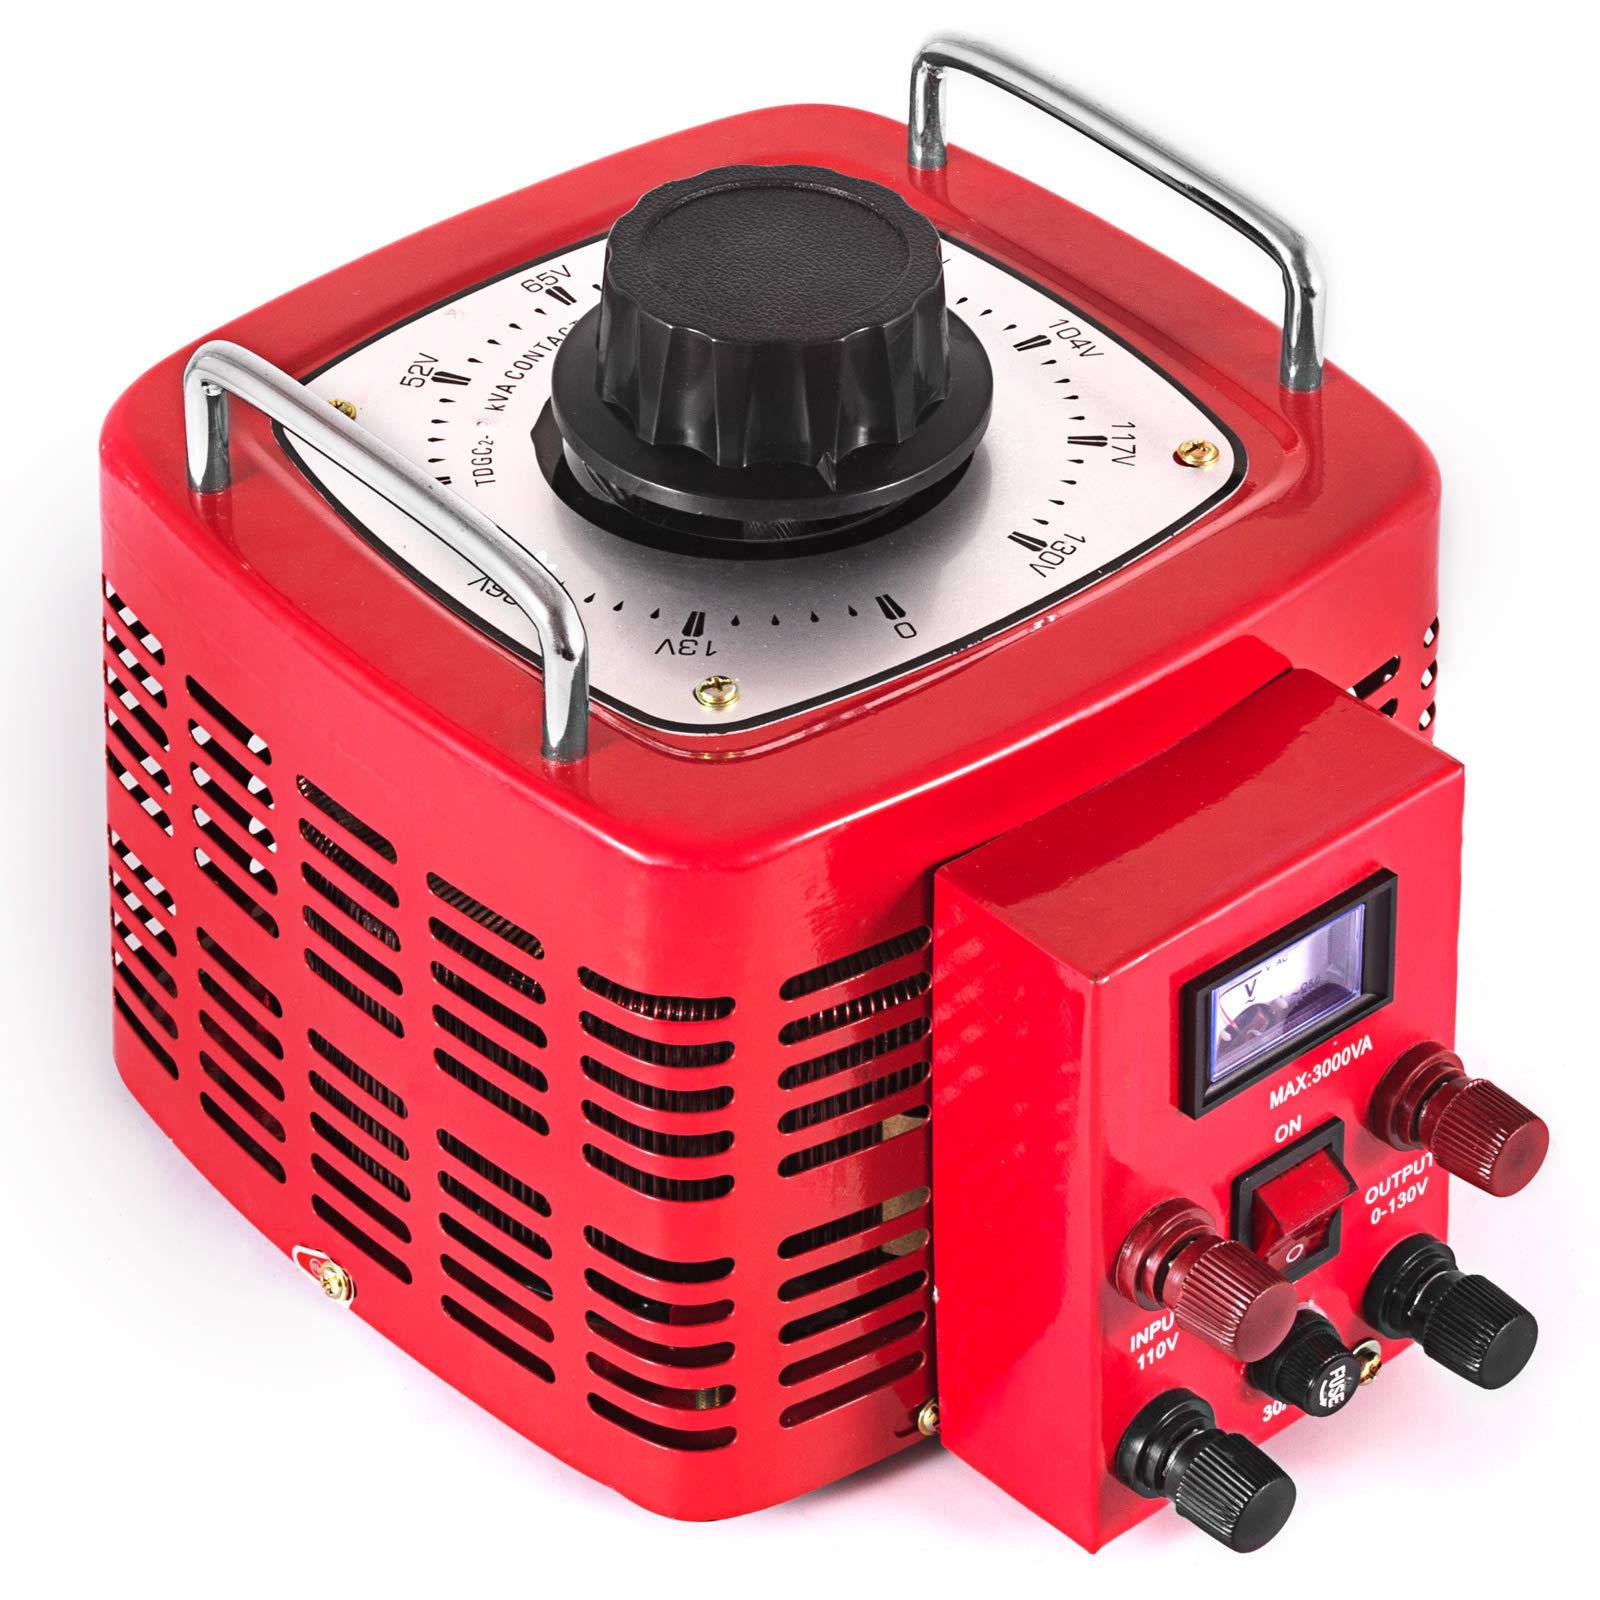 VEVOR 3KVA Transformer Max 30 Amp Variable Transformer 0~130 Volt Output Variable AC Voltage Regulator for Industries Equipment Appliances by VEVOR (Image #4)